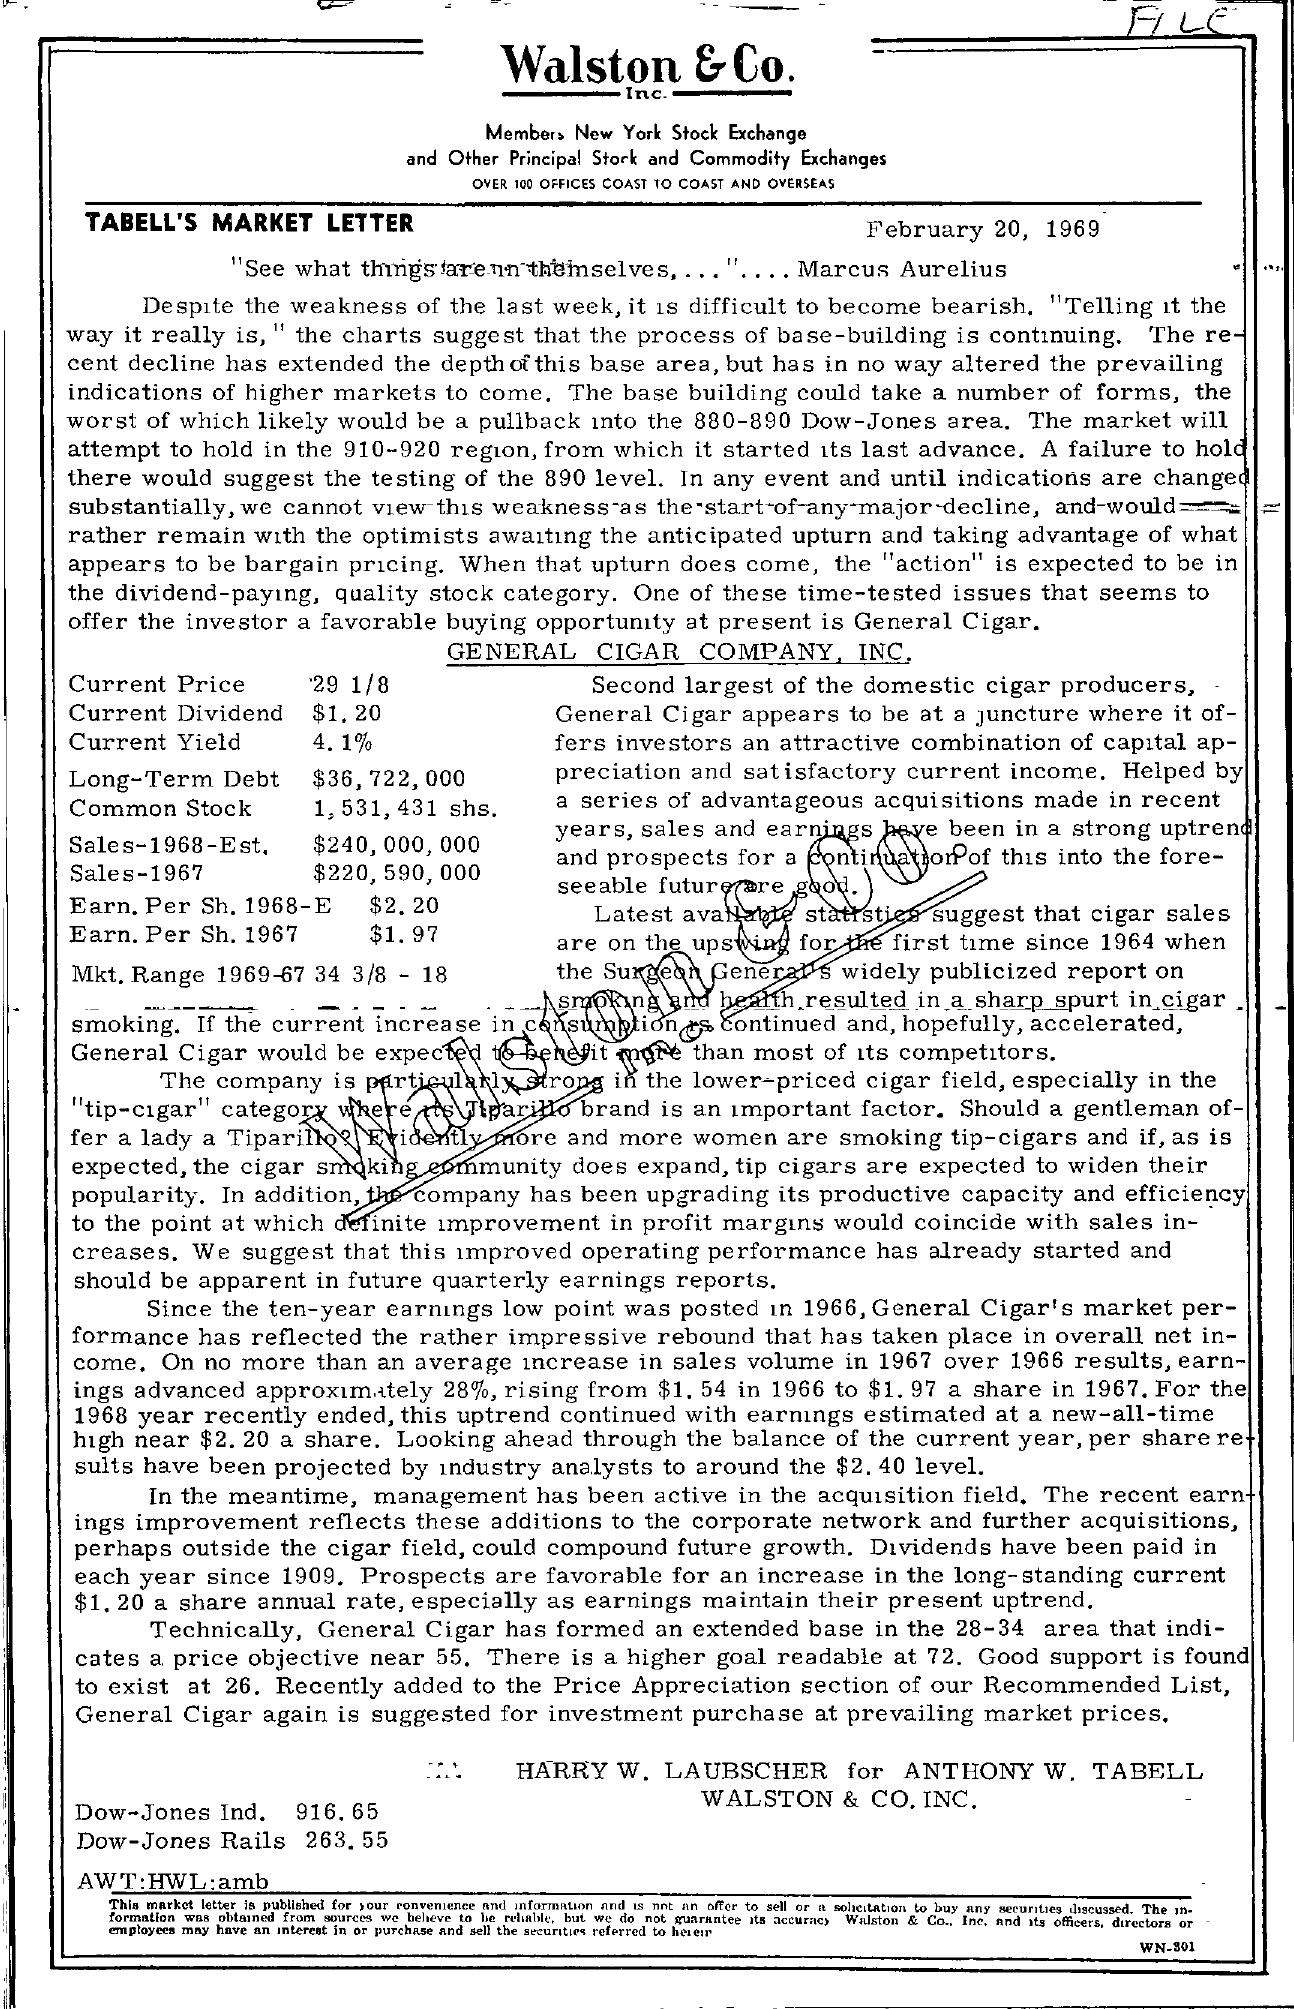 Tabell's Market Letter - February 20, 1969